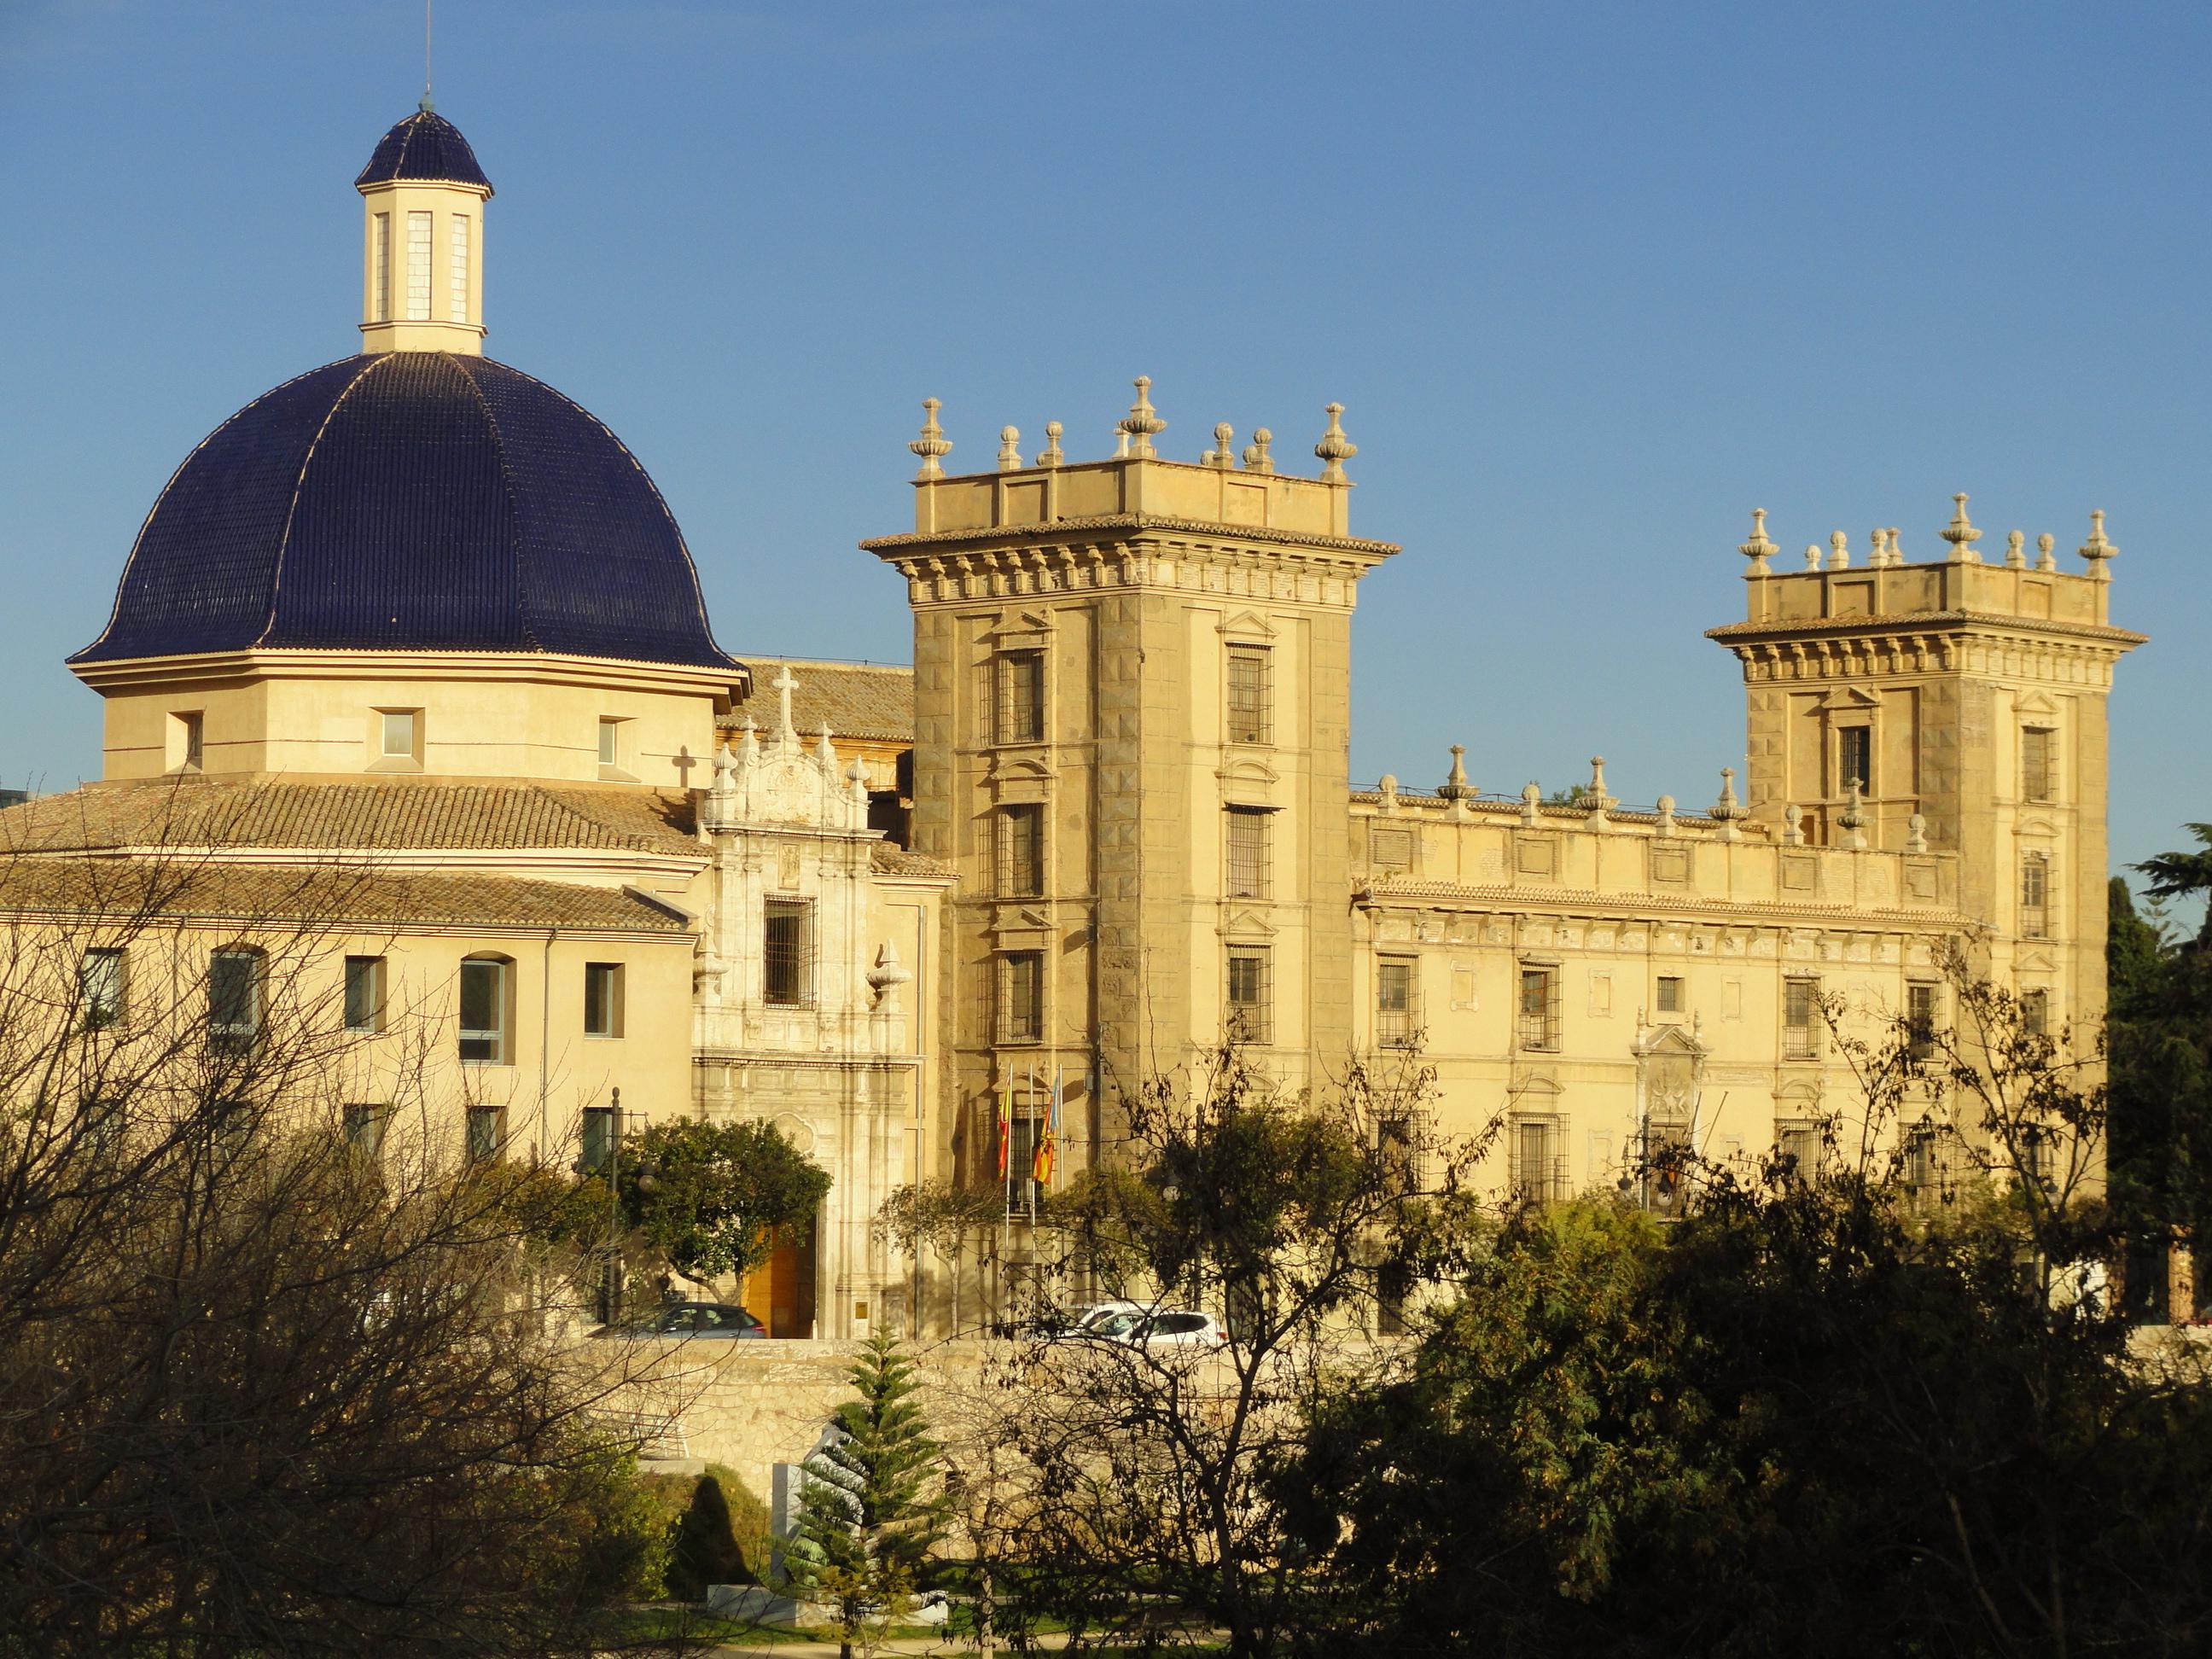 Resultado de imagen de EL PAISAJE EN EL MUSEO DE BELLAS ARTES DE VALENCIA